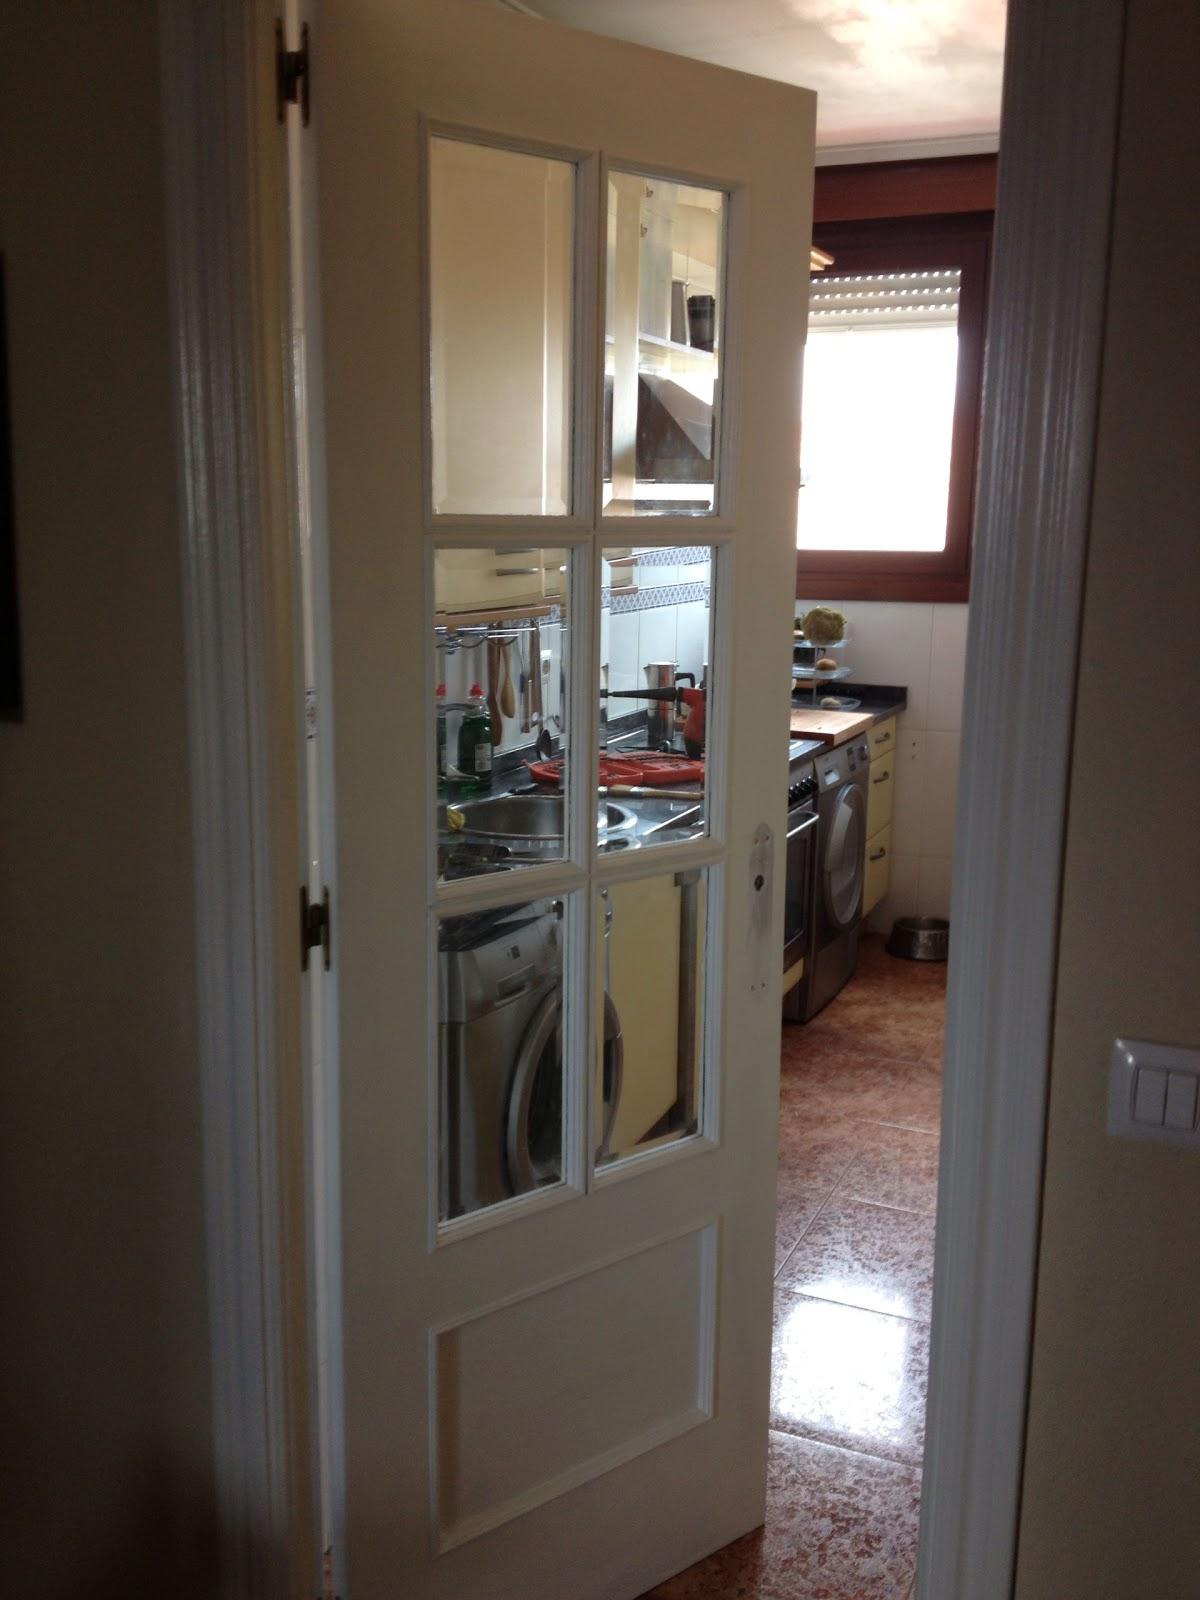 Adios al sapely pintar puertas de blanco juntitoscrafts - Lacar puertas sapelly ...